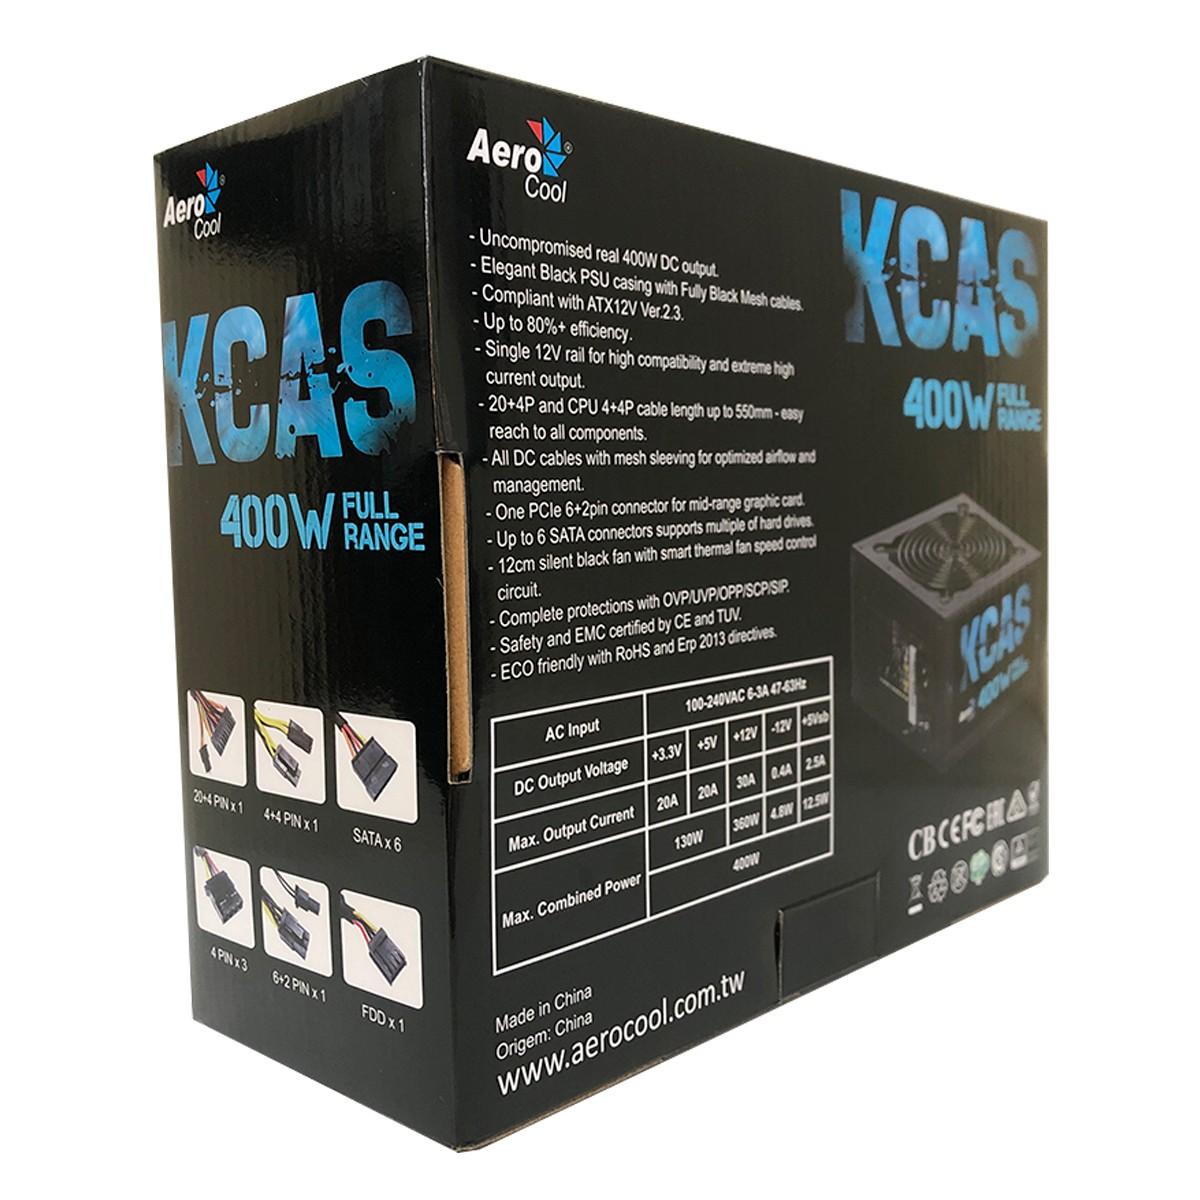 Fonte Gamer Aerocool KCAS 400W 80 Plus White Full Range PFC Ativo